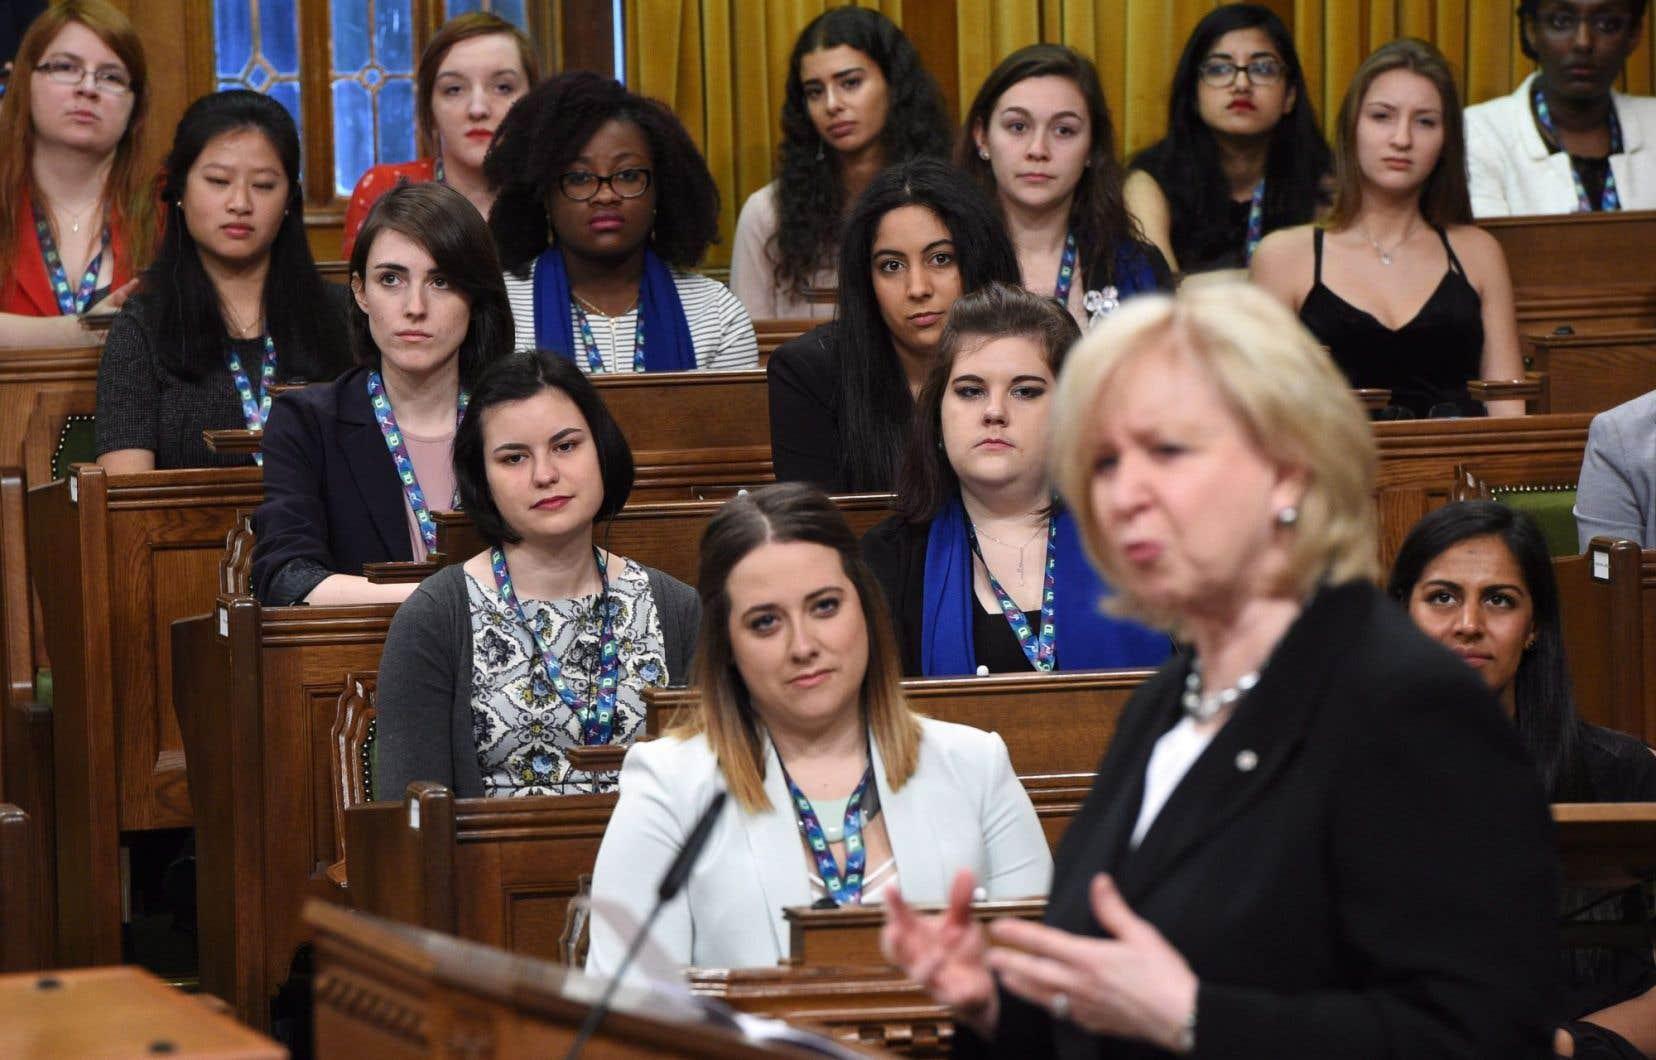 La session des 338 «héritières du suffrage» a débuté avec un discours de la première première ministre du Canada, Kim Campbell.